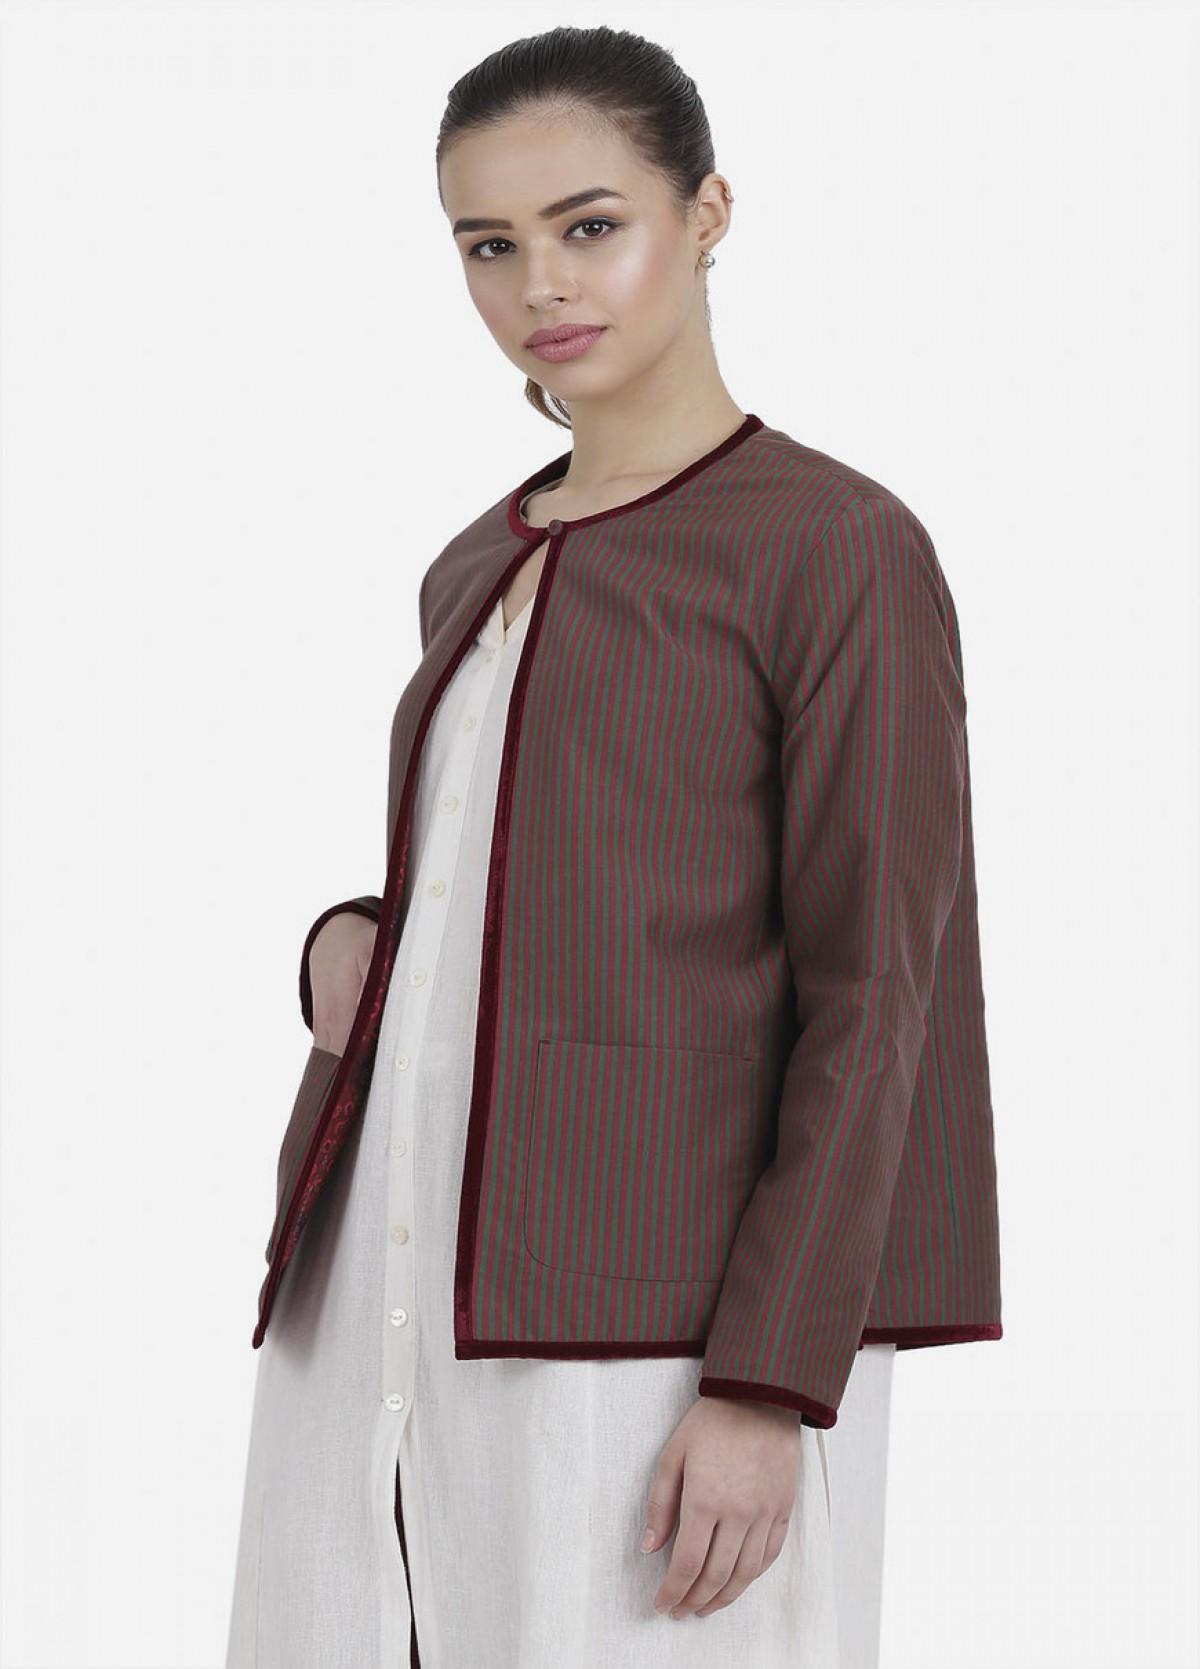 The Frieda Jacket Jacket